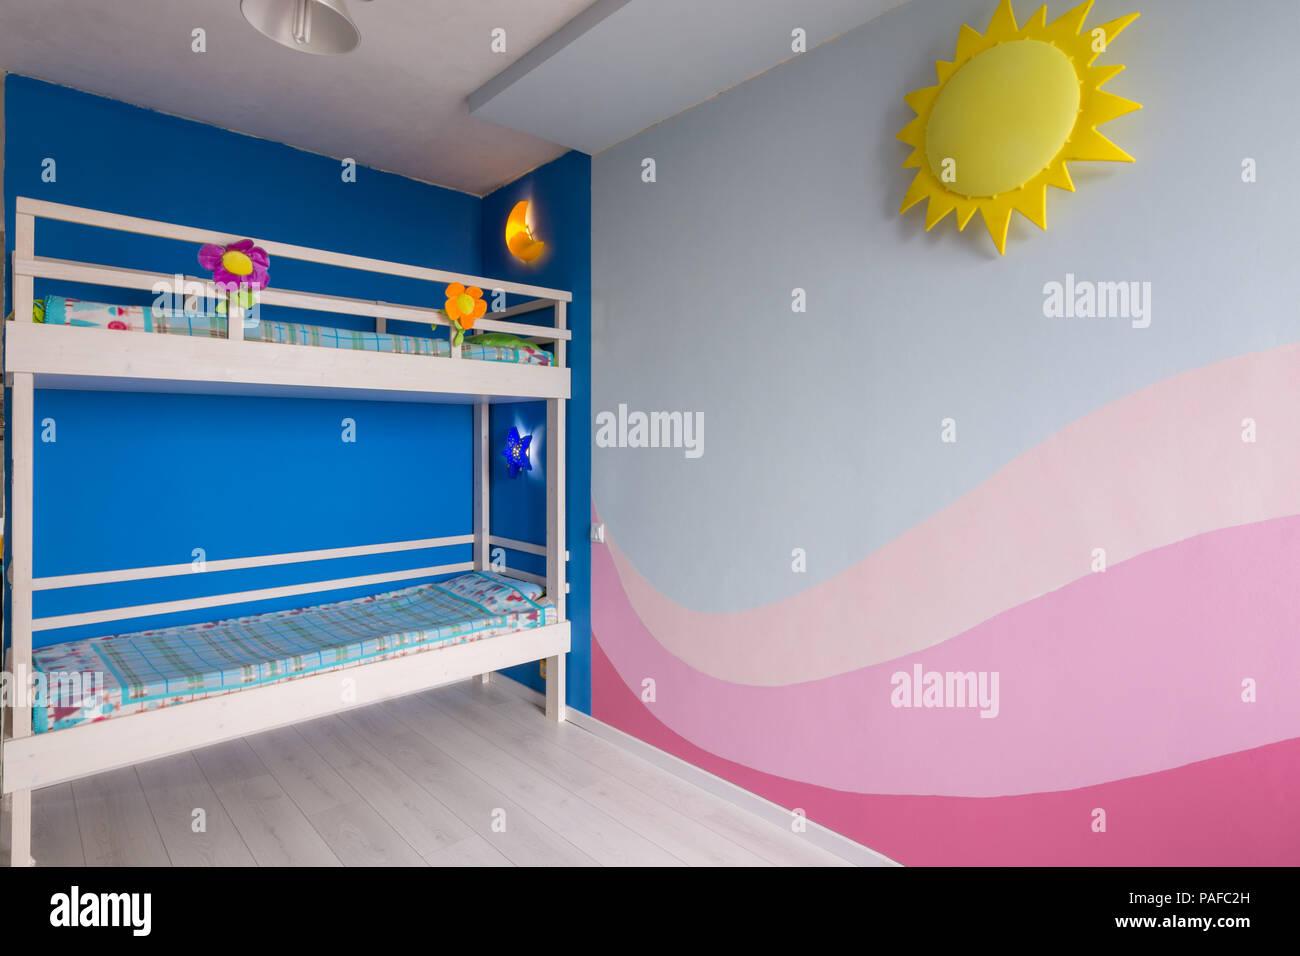 Etagenbett Junge Und Mädchen : Innenraum ein kinderzimmer für zwei mädchen nach der reparatur